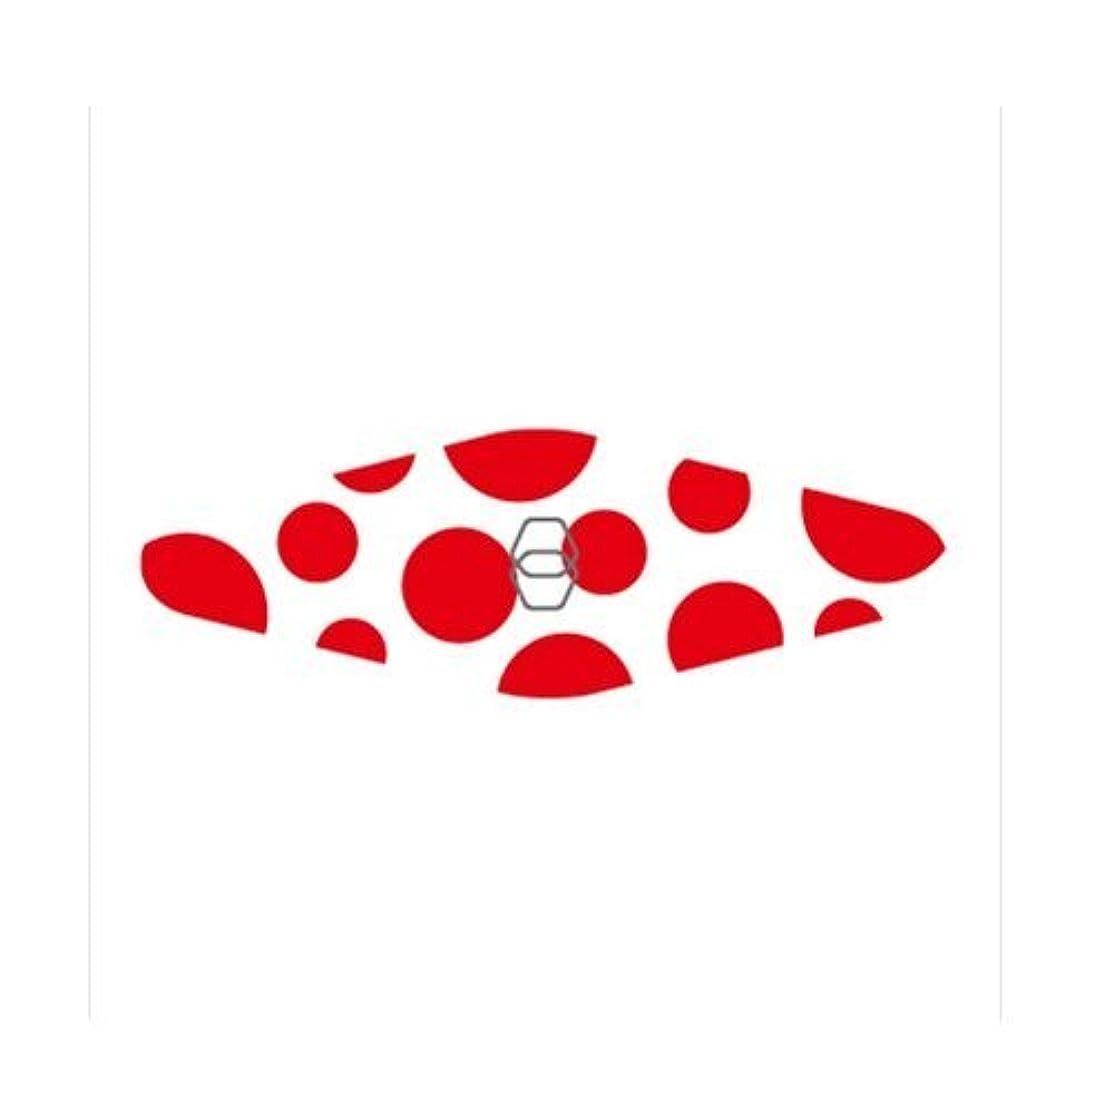 販売計画にじみ出る販売計画GOEI DIAMOND ダイヤモンド爪やすり キャリー(赤ドット)